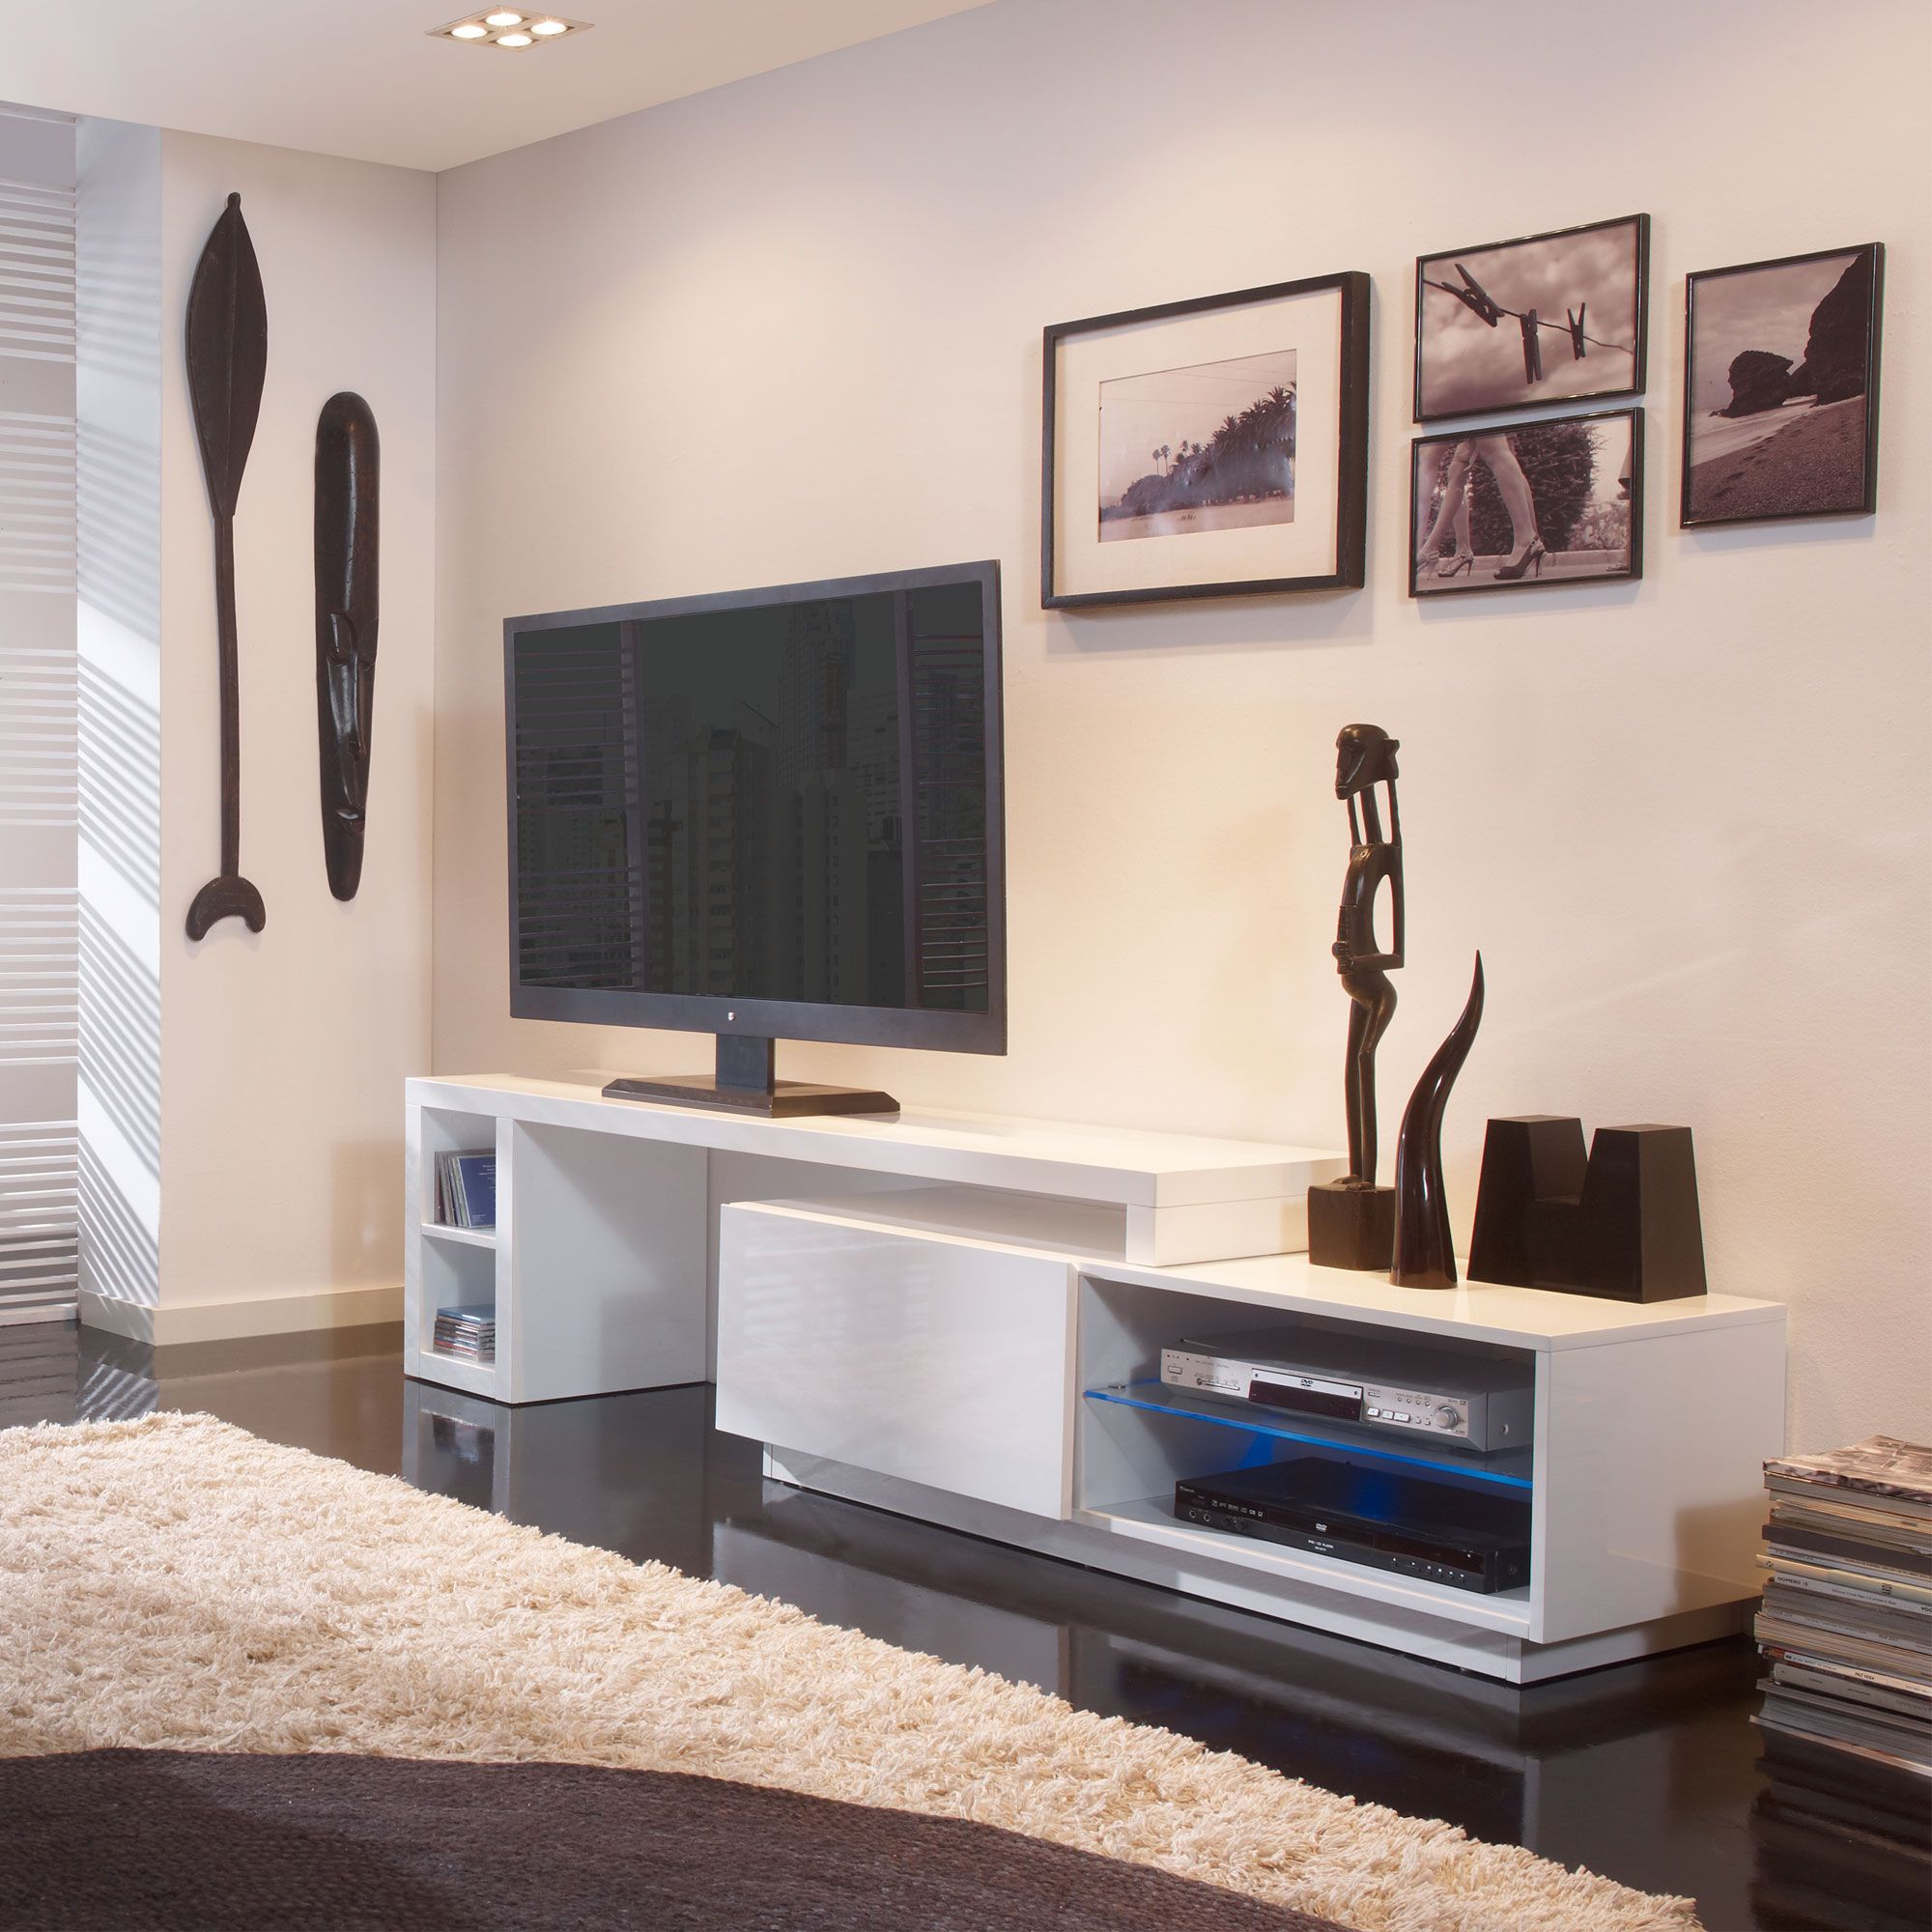 Meuble TV bas extensible en bois laqué avec LED Longueur 160 286cm